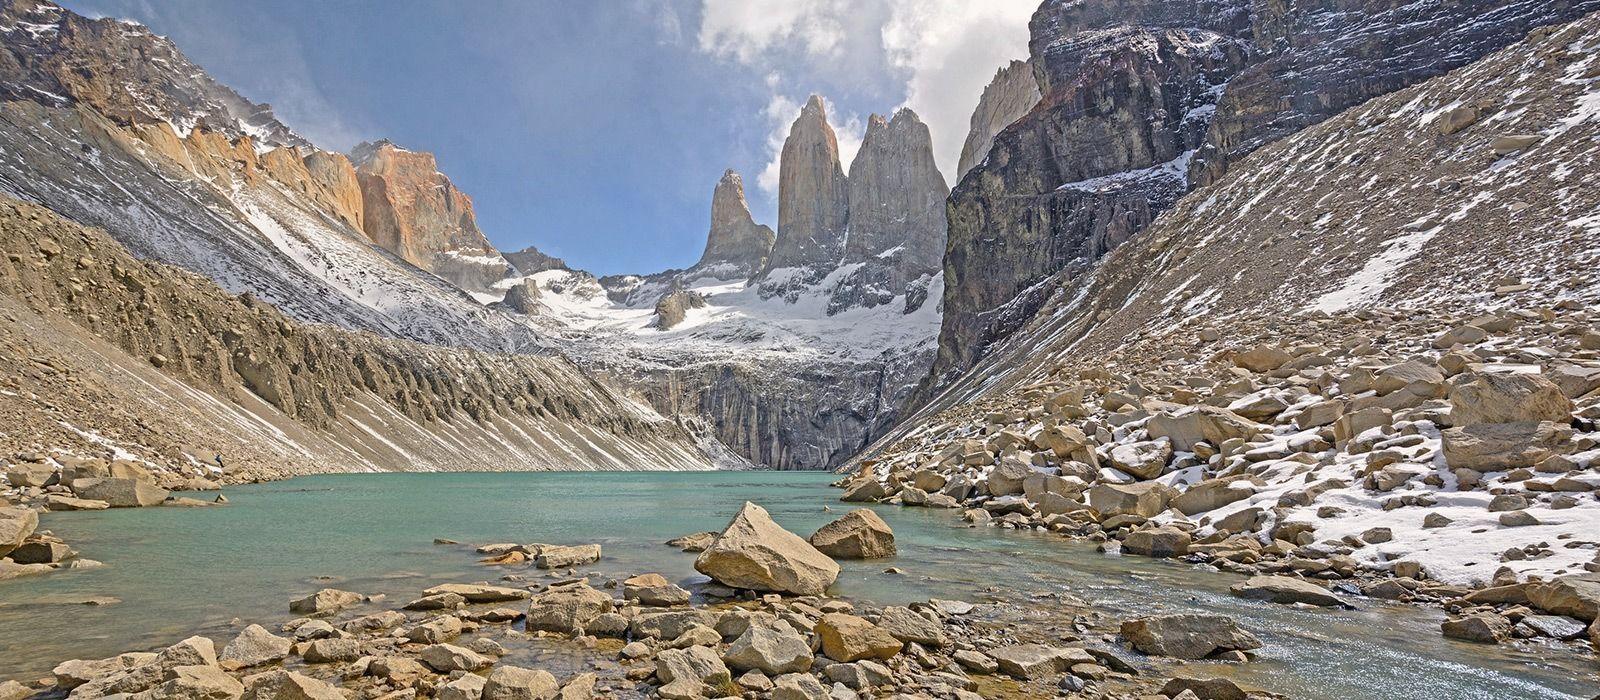 Wanderreise in Patagonien Urlaub 7